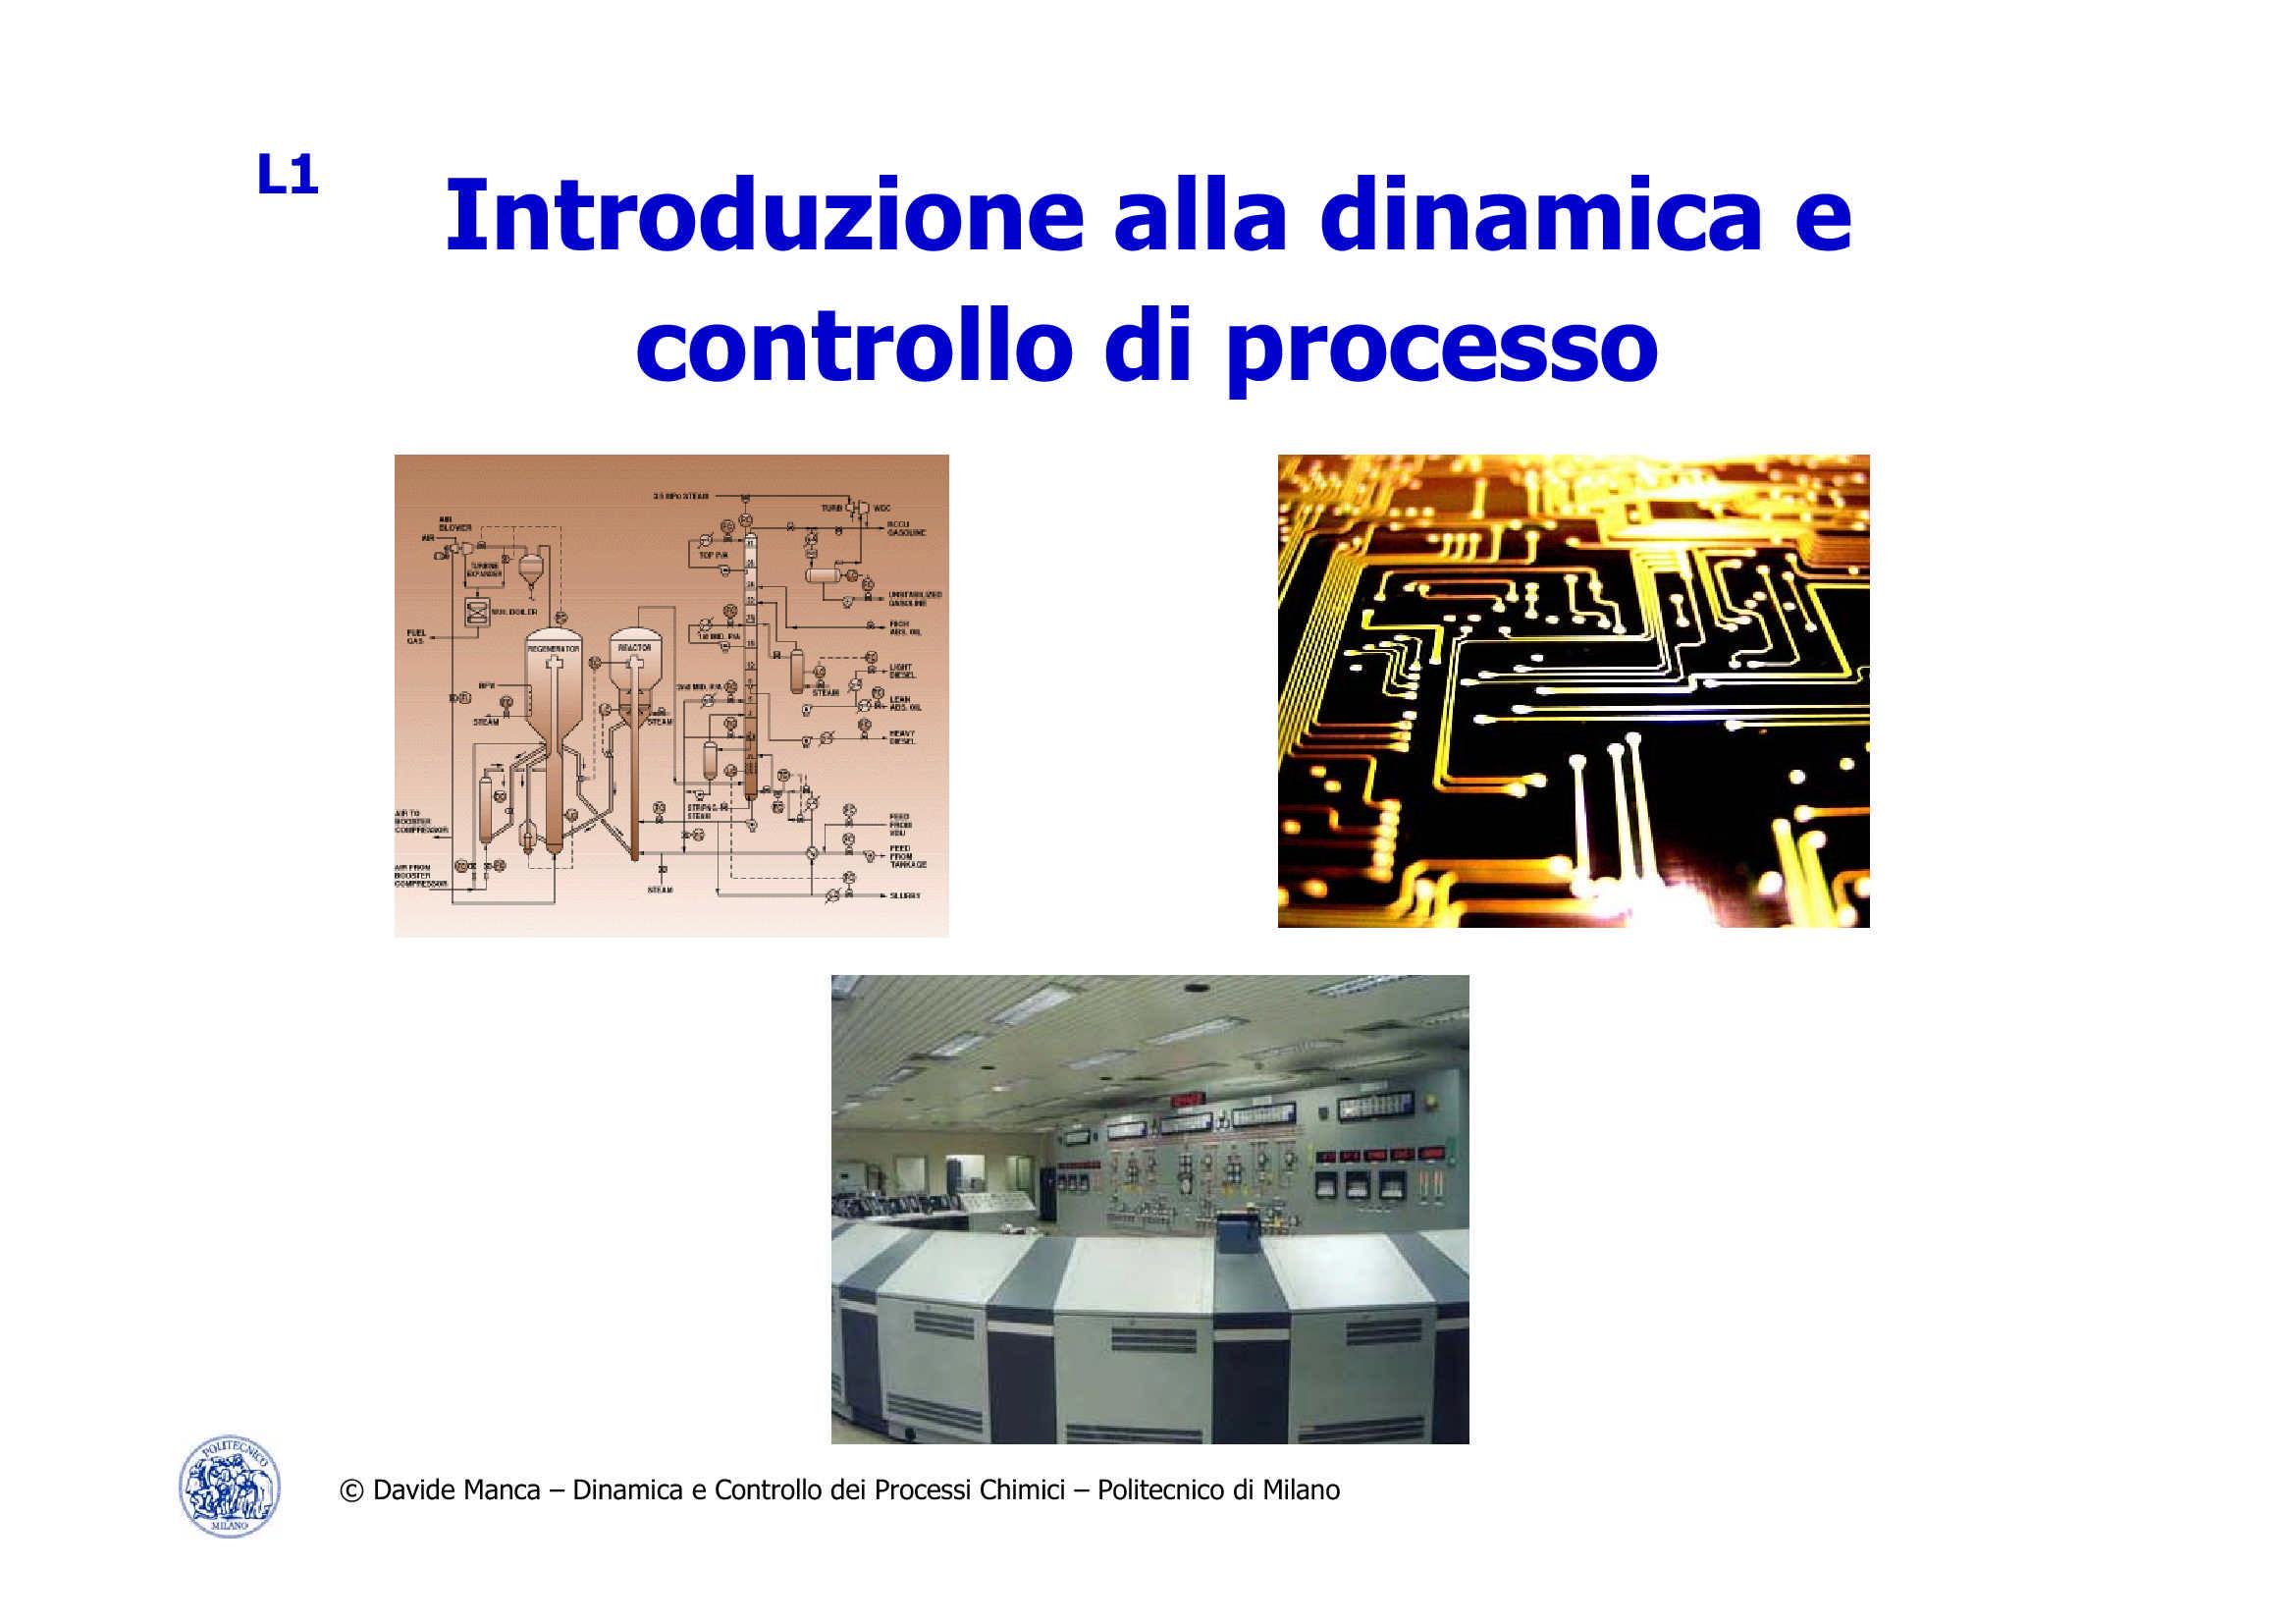 Dinamica e controllo di processo - Introduzione